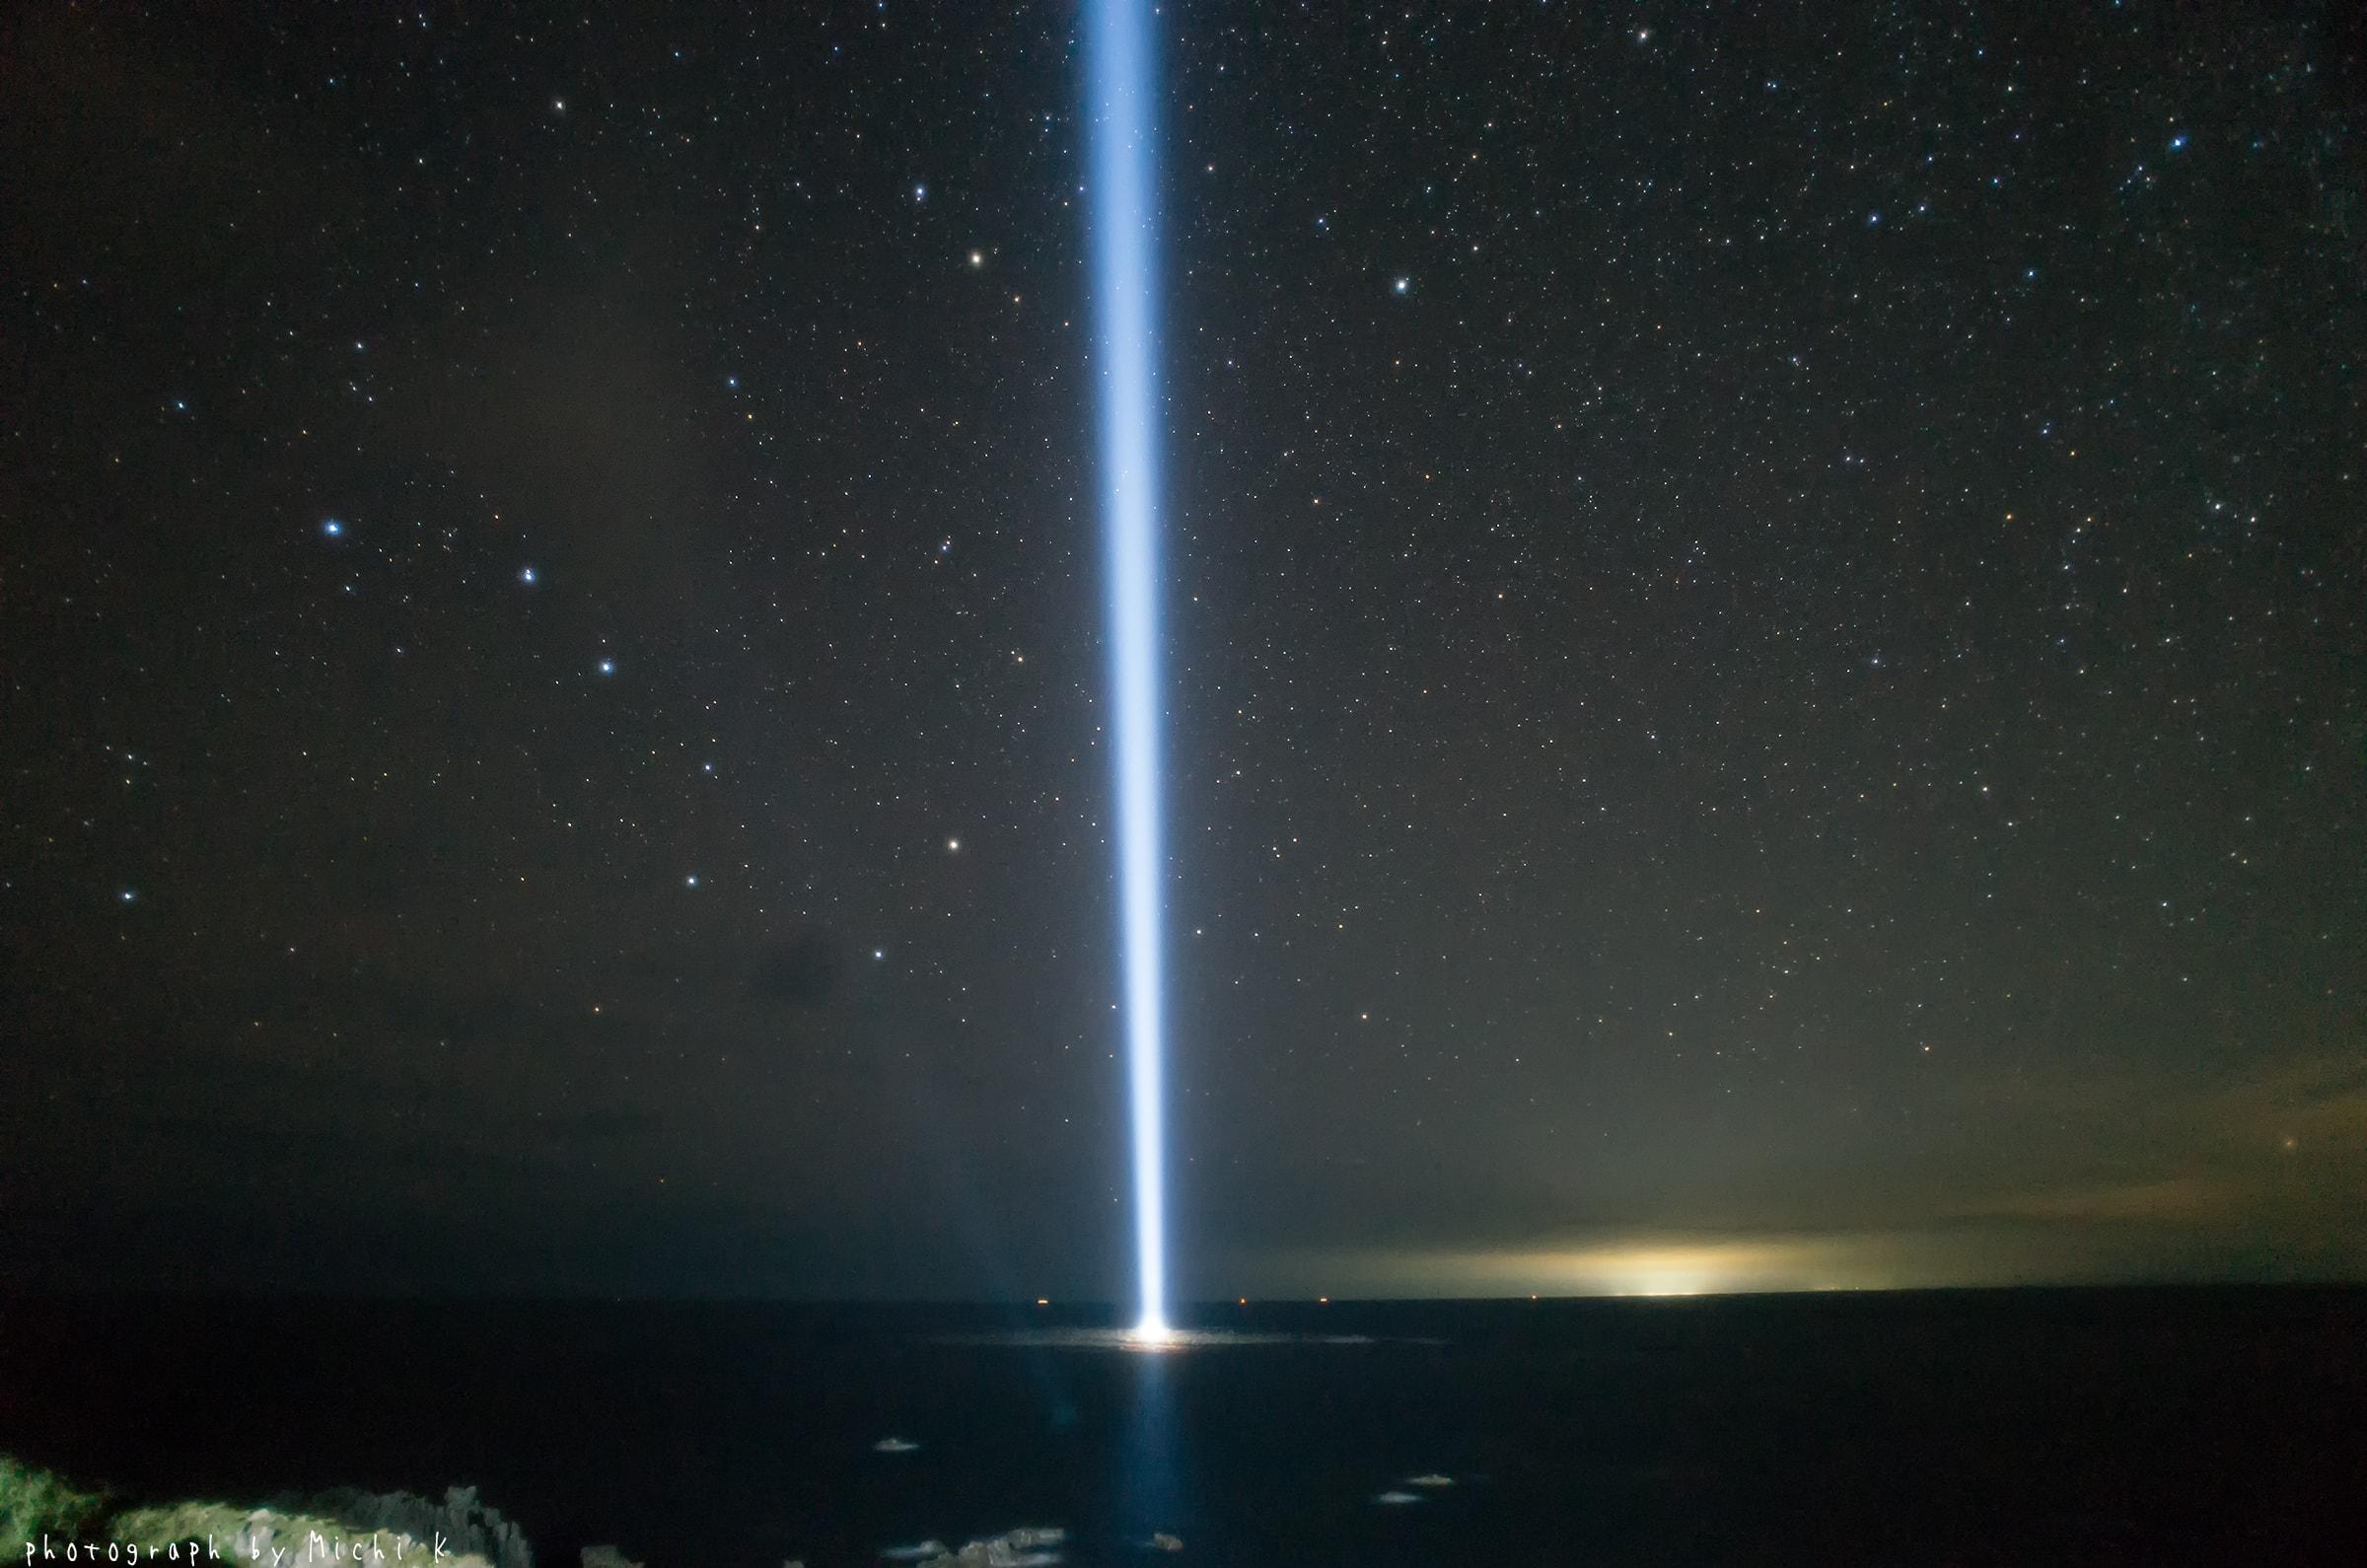 入道埼灯台、照射灯が空を切り裂く